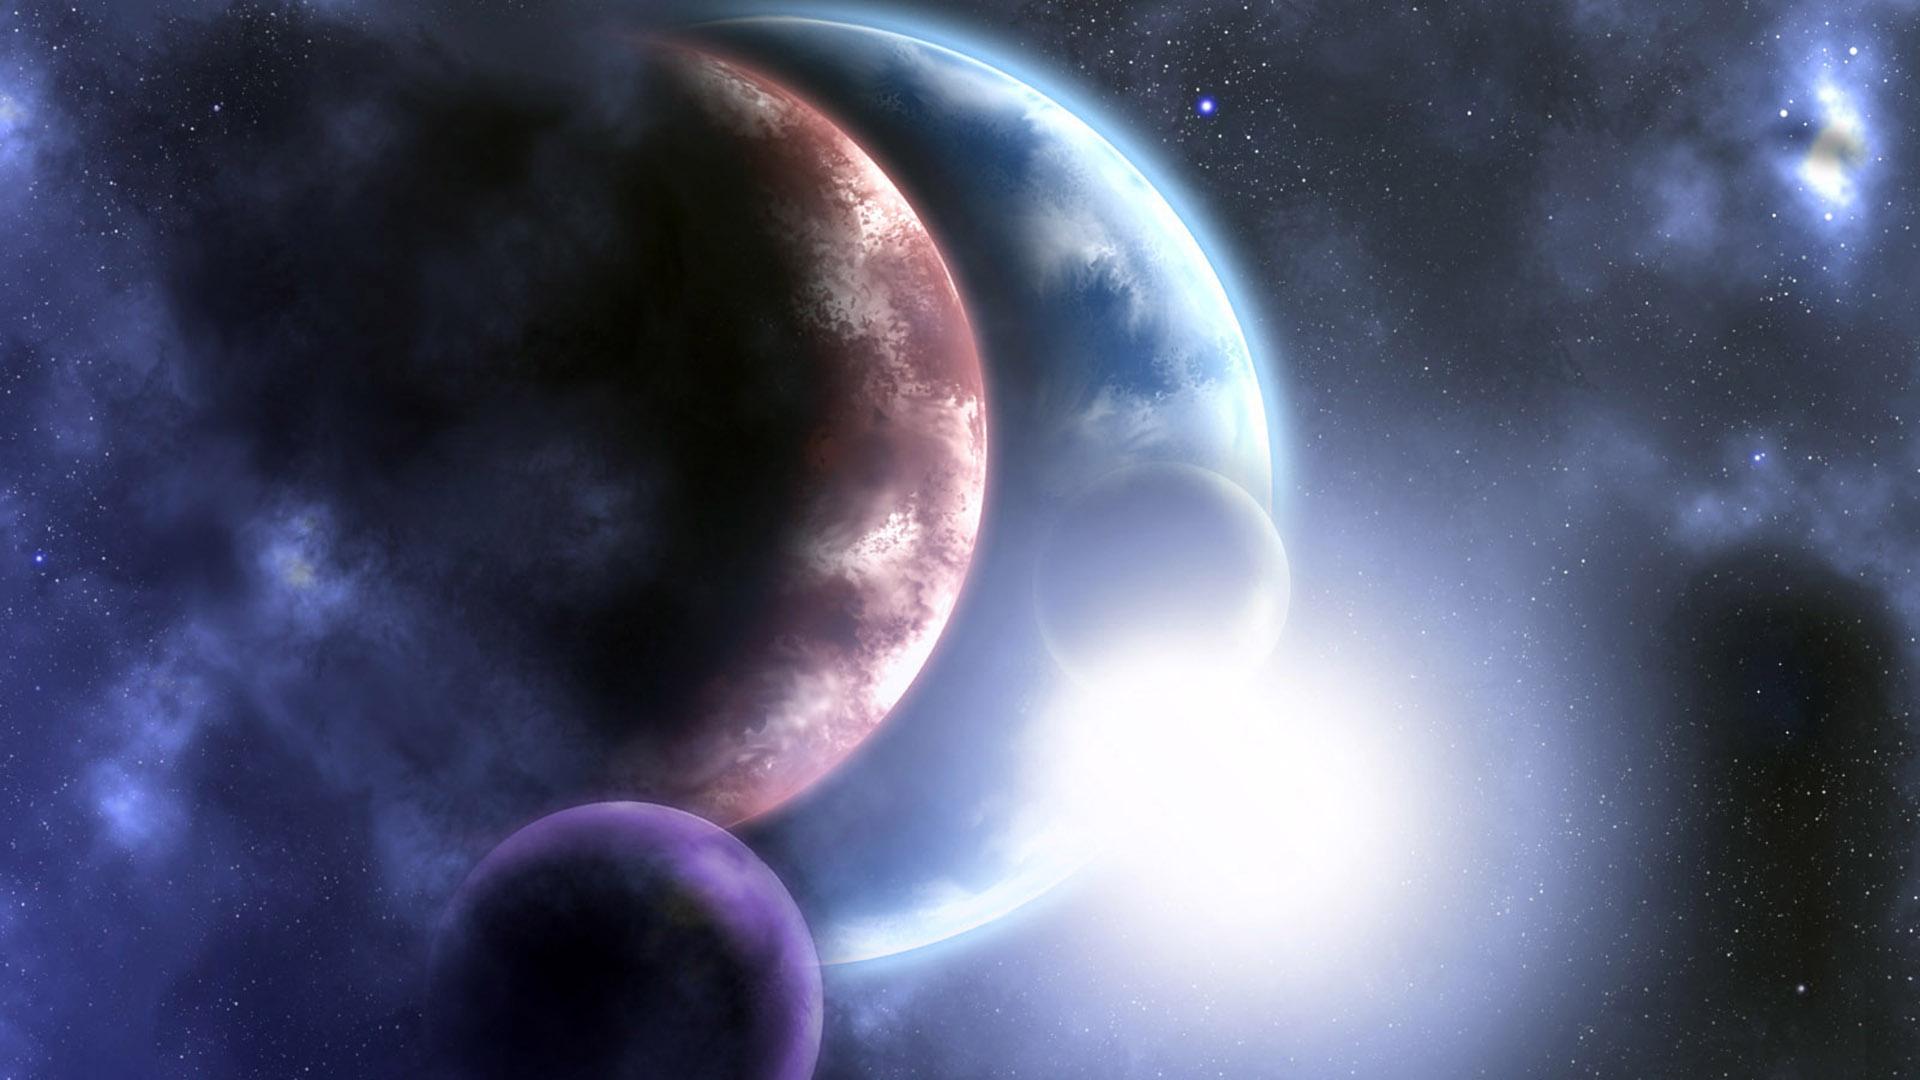 Обои планета вселенная картинки на рабочий стол на тему Космос - скачать загрузить